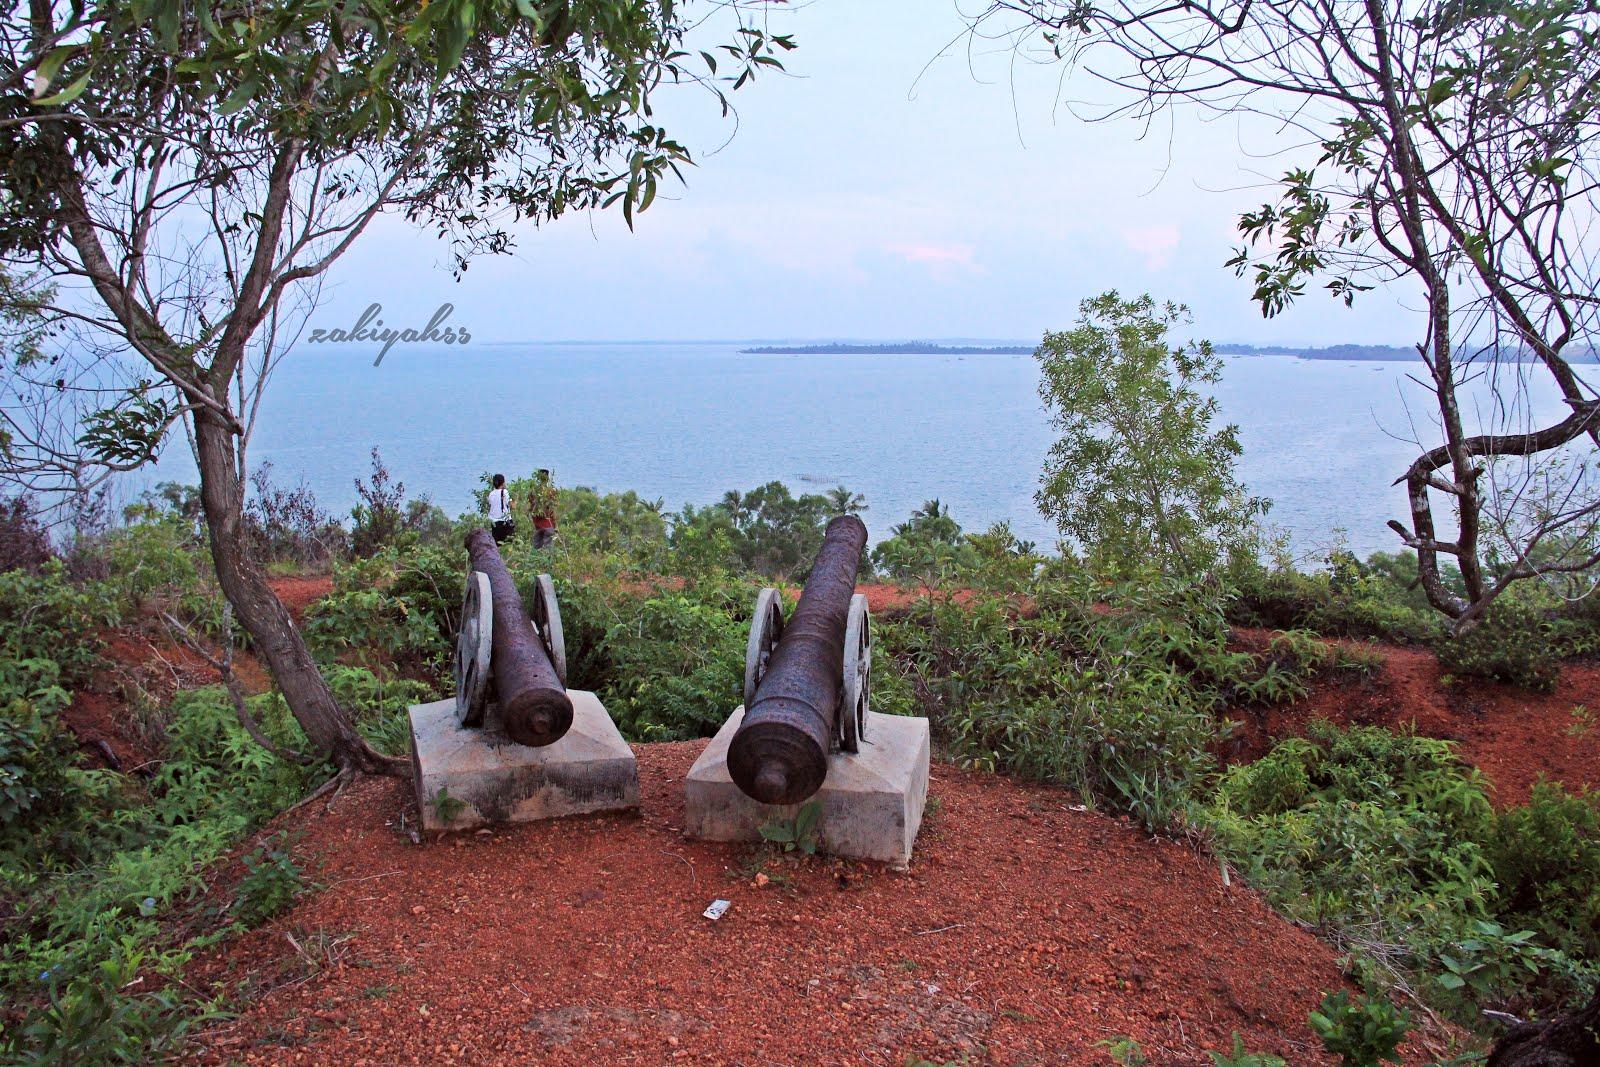 Beauty Silence Festival Pulau Penyengat Part Sungguh Menguji Kesabaran Berekspetasi